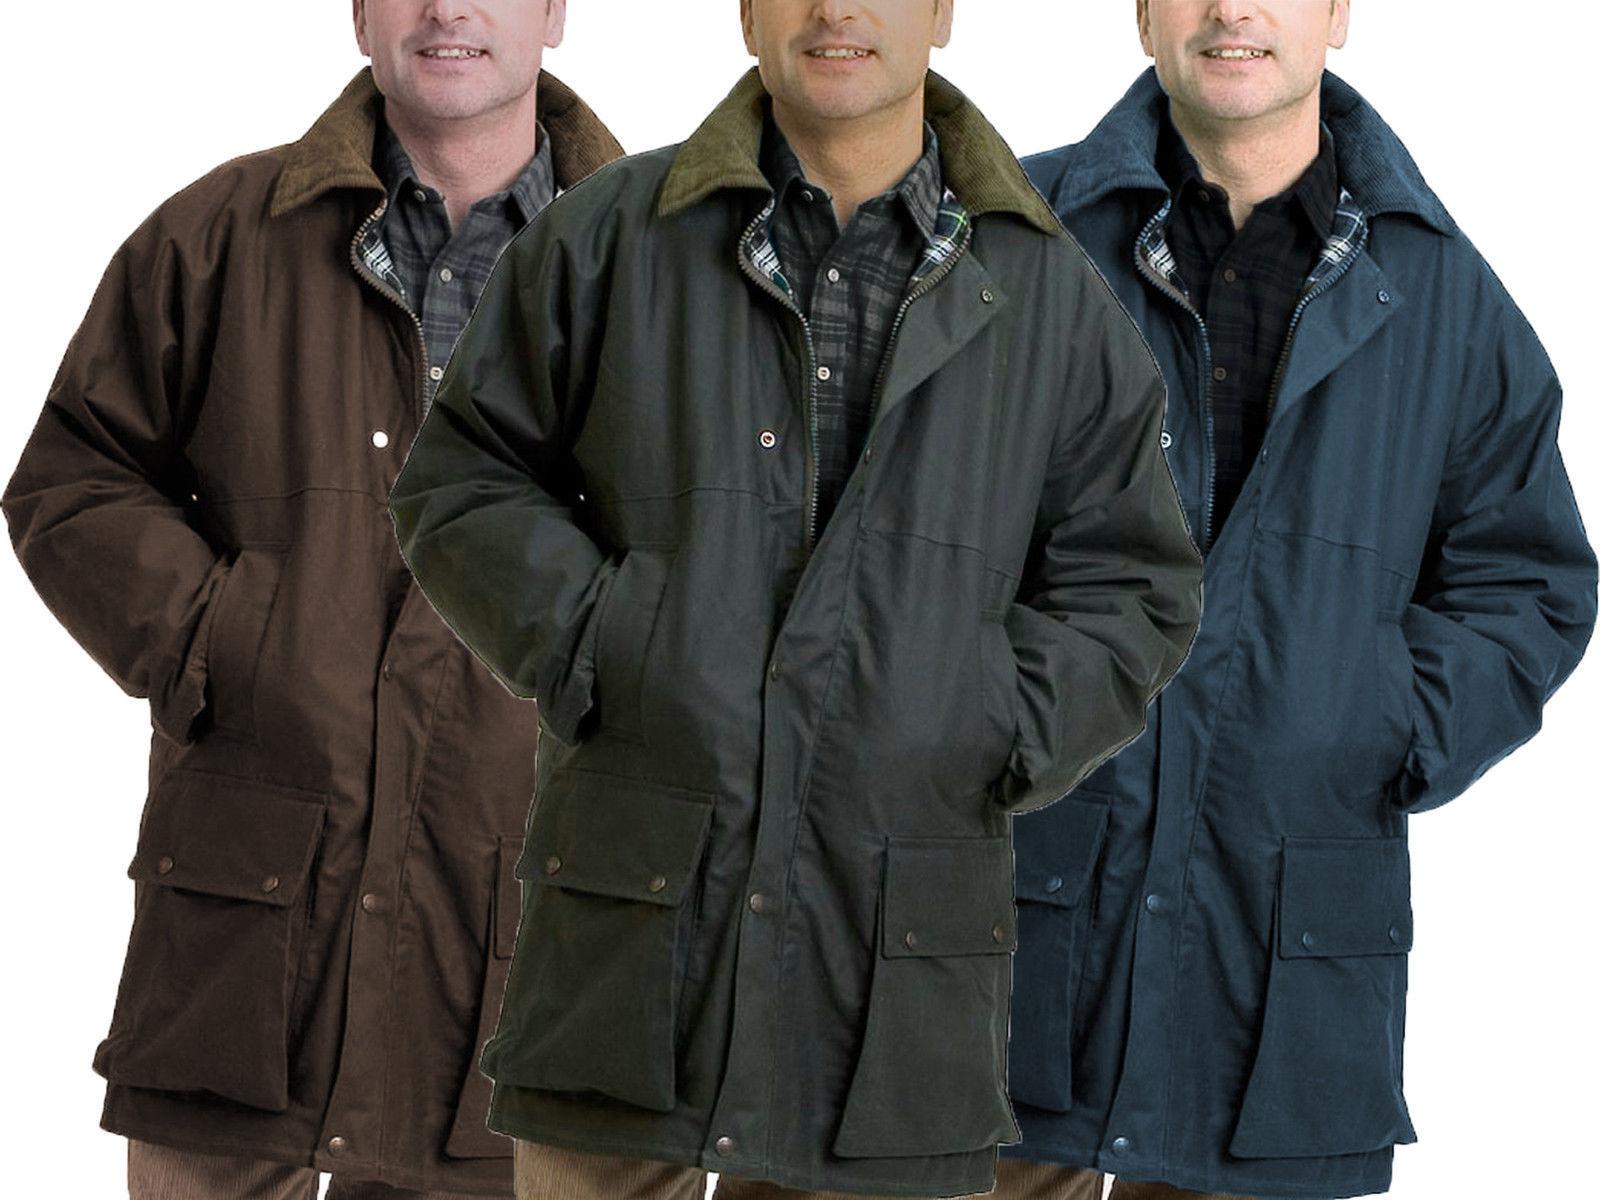 Herren Gepolstert Wachsjacke Britisch Gewachst Mantel 100% Baumwolle Warm